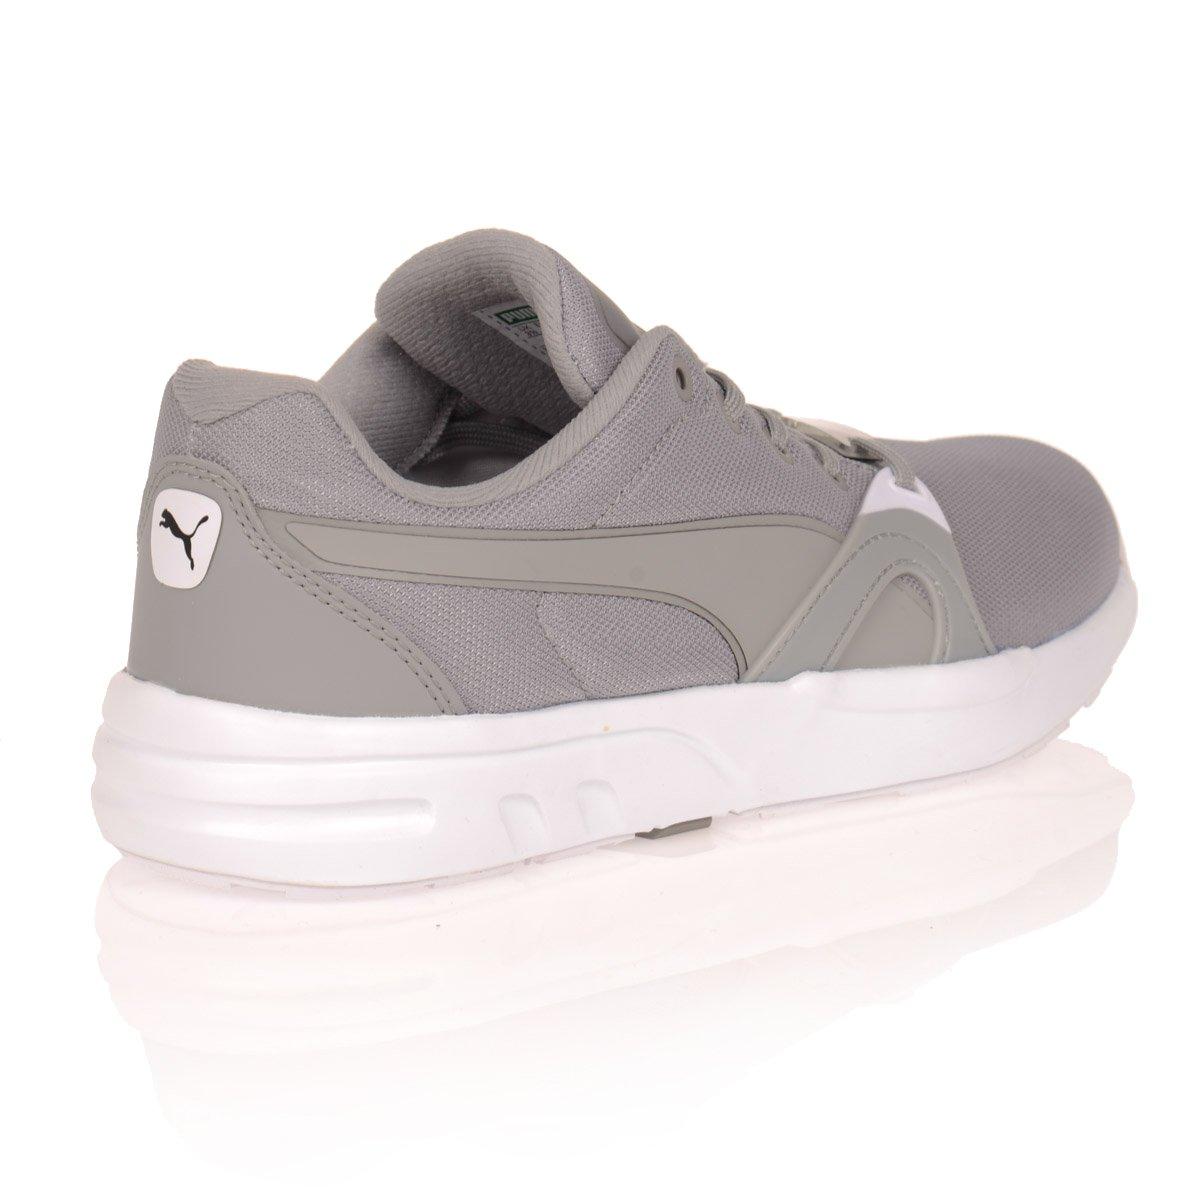 buty puma damskie rozmiarówka